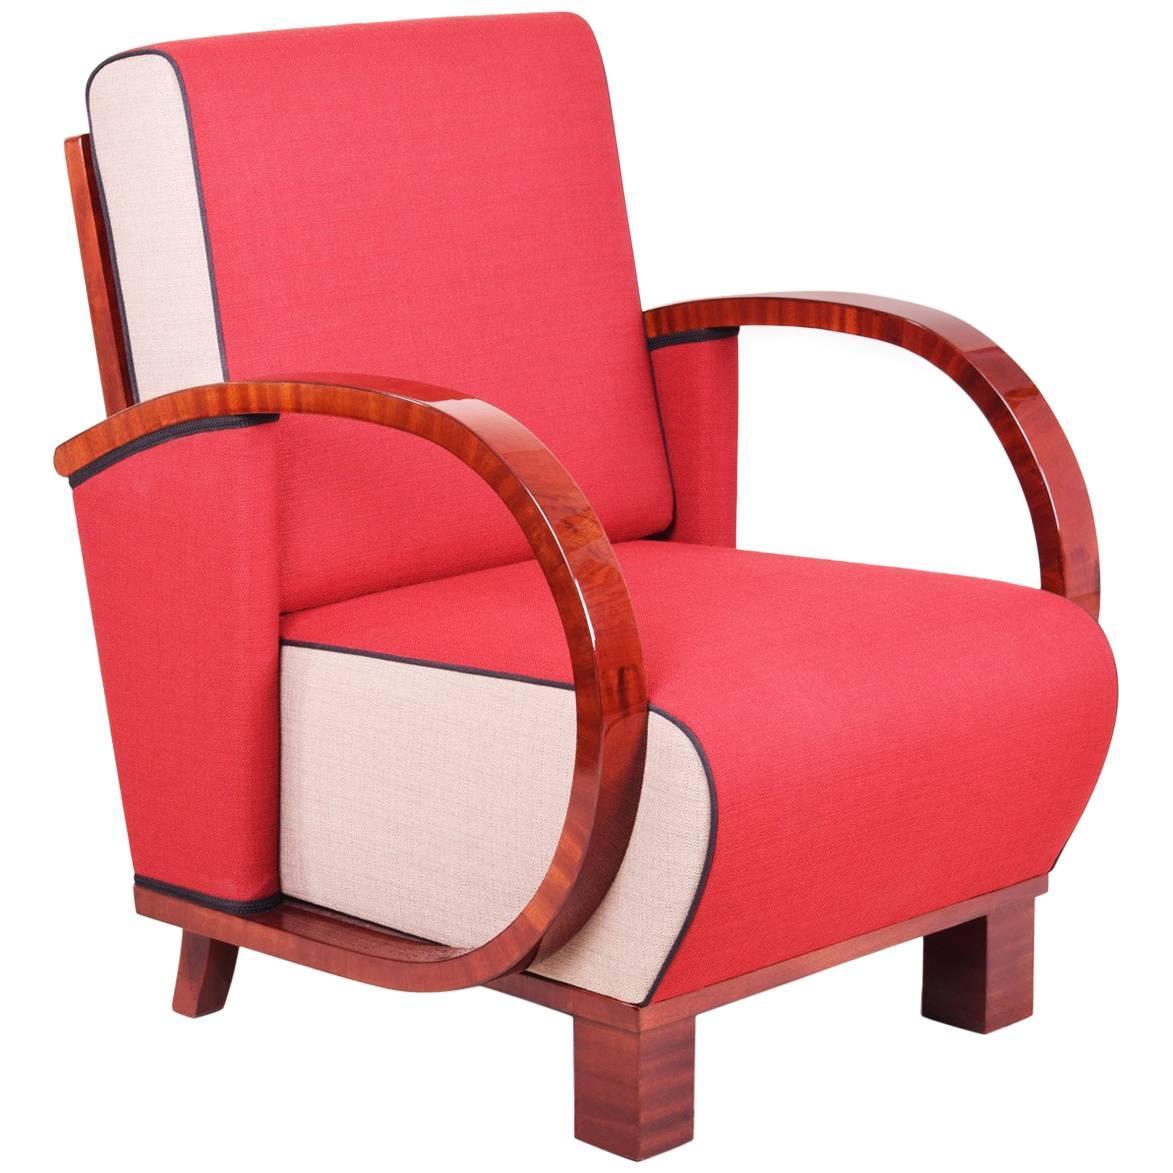 Charmant Art Deco Armchair From Czechoslovakia, Period: 1920 1929, Walnut, New  Upholstery